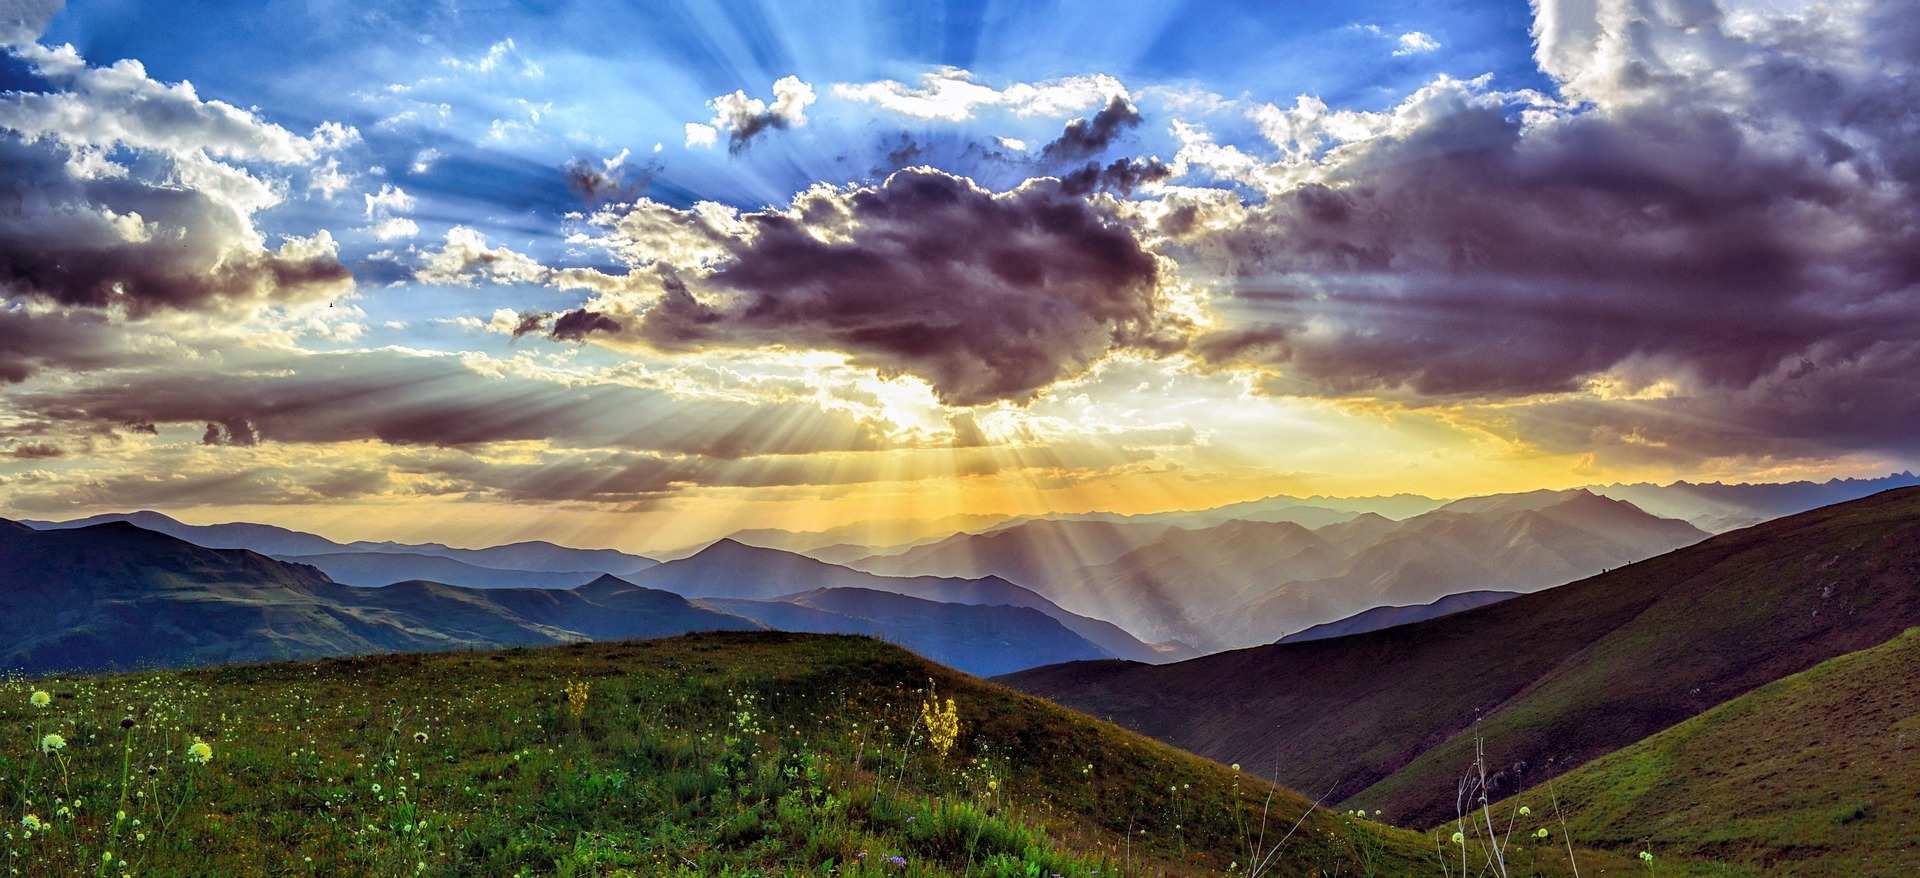 Psaumes 86 : 10 | Tu es Dieu - Verset en partage - Présence Divine - Lire et méditer la Bible